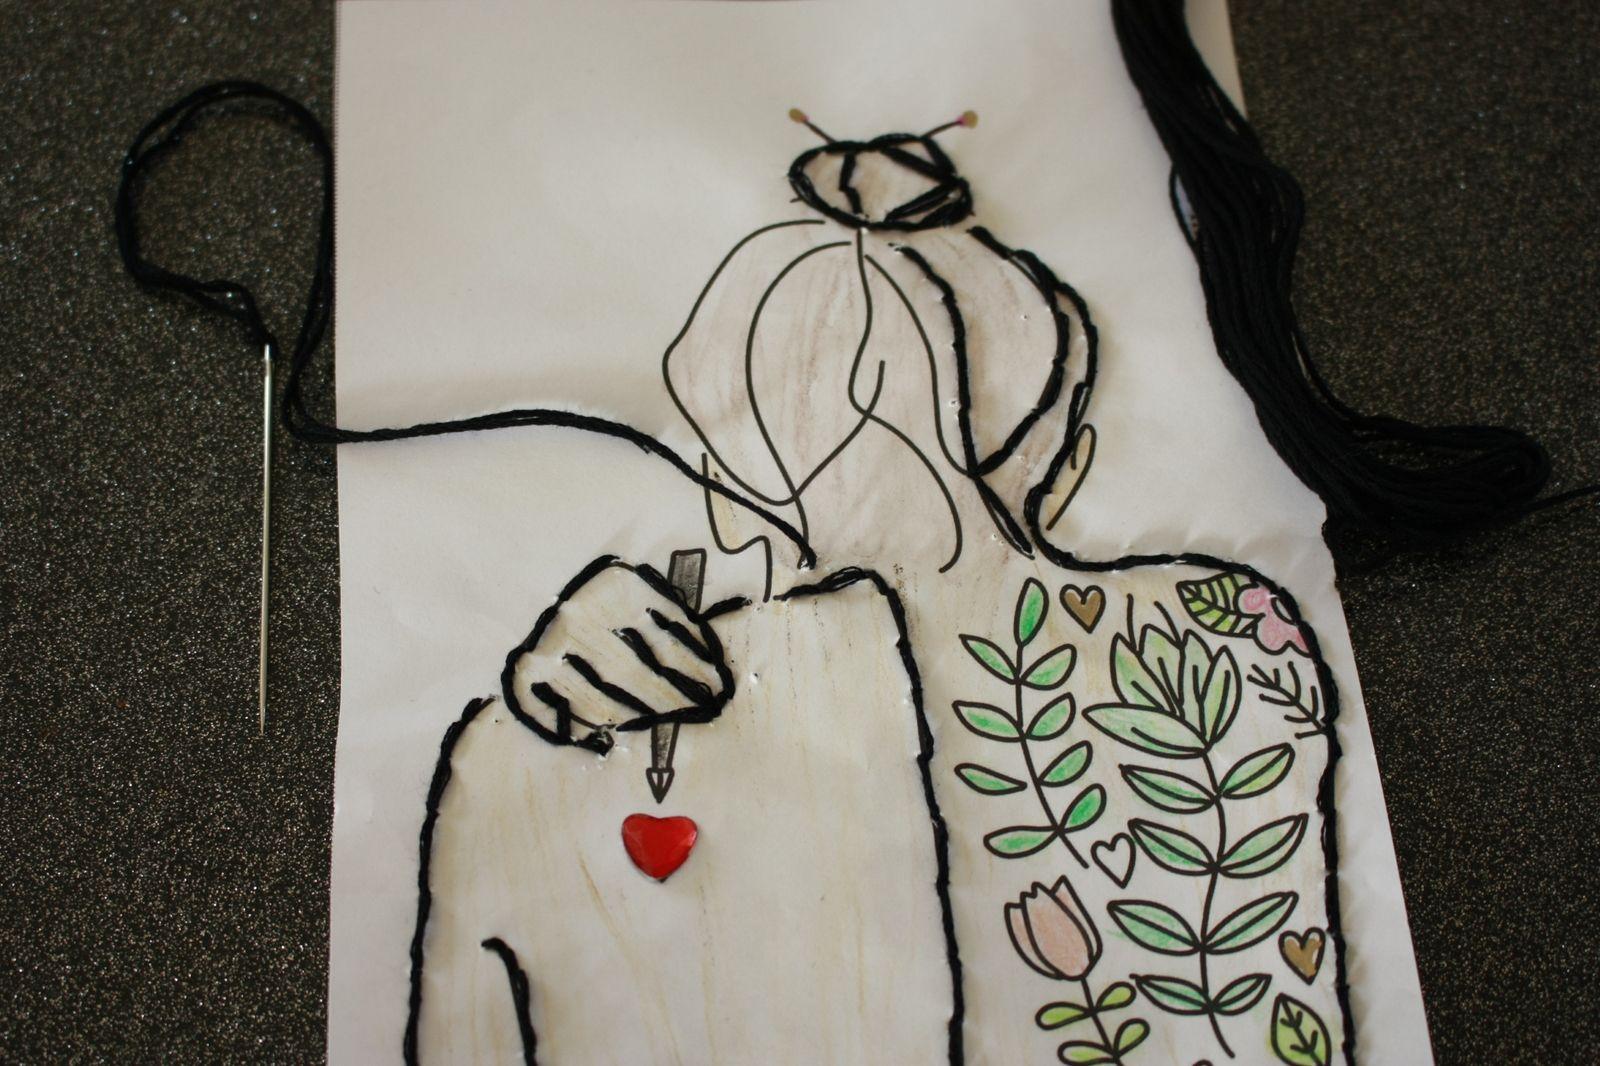 DIY St Valentin broderie ,tattoo  pour un sac  cadeau personnalisé !